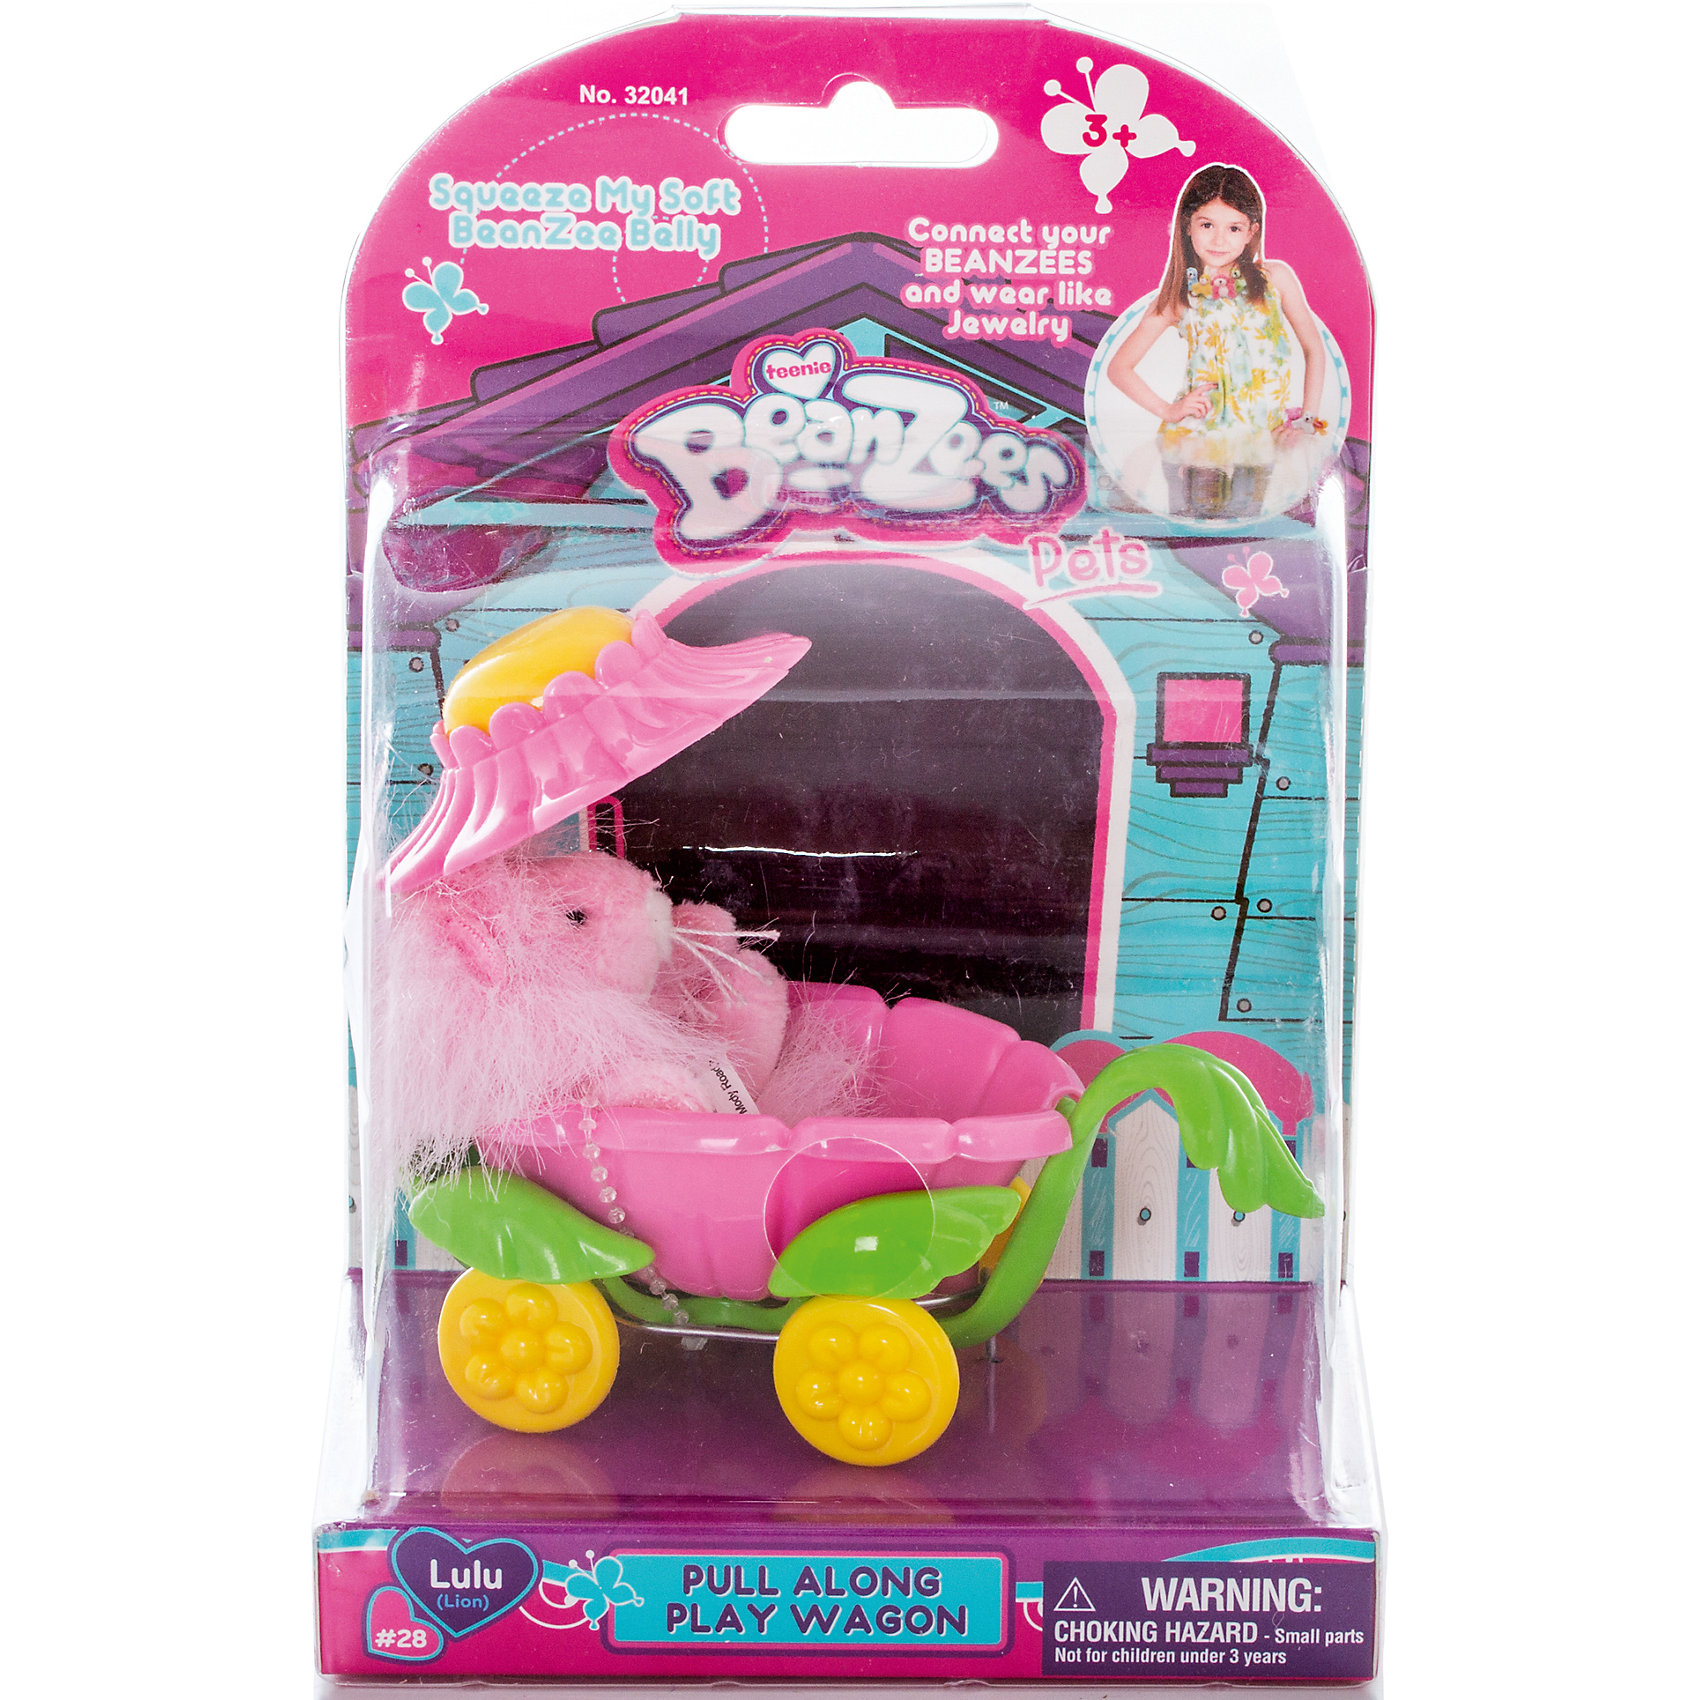 Плюшевый игровой набор Львенок на коляске, BeanzeezХарактеристики товара:<br><br>- цвет: разноцветный;<br>- материал: пластик, текстиль;<br>- комплектация: фигурка животного, аксессуар;<br>- особенности: наличие на лапках липучек, игрушку можно соединять с другими героями из серии;<br>- живот заполнен гранулами;<br>- размер упаковки: 9х18х13 см;<br>- упаковка: блистер;<br>- вес: 146 г.<br><br>Такая симпатичная фигурка не оставит ребенка равнодушным! Какой малыш откажется поиграть с маленькой плюшевой игрушкой из большой пушистой коллекции?! Игрушка очень качественно выполнена, поэтому она станет отличным подарком ребенку. В наборе идет фигурка животного и аксессуары. С ними можно придумать множество сюжетов, разыгрывая которые, ребенок развивает мелкую моторику, воображение и творческое мышление.<br>Изделие произведено из высококачественного материала, безопасного для детей.<br><br>Плюшевый игровой набор Львенок на коляске от бренда Beanzeez можно купить в нашем интернет-магазине.<br><br>Ширина мм: 85<br>Глубина мм: 180<br>Высота мм: 130<br>Вес г: 145<br>Возраст от месяцев: 36<br>Возраст до месяцев: 2147483647<br>Пол: Женский<br>Возраст: Детский<br>SKU: 5039892